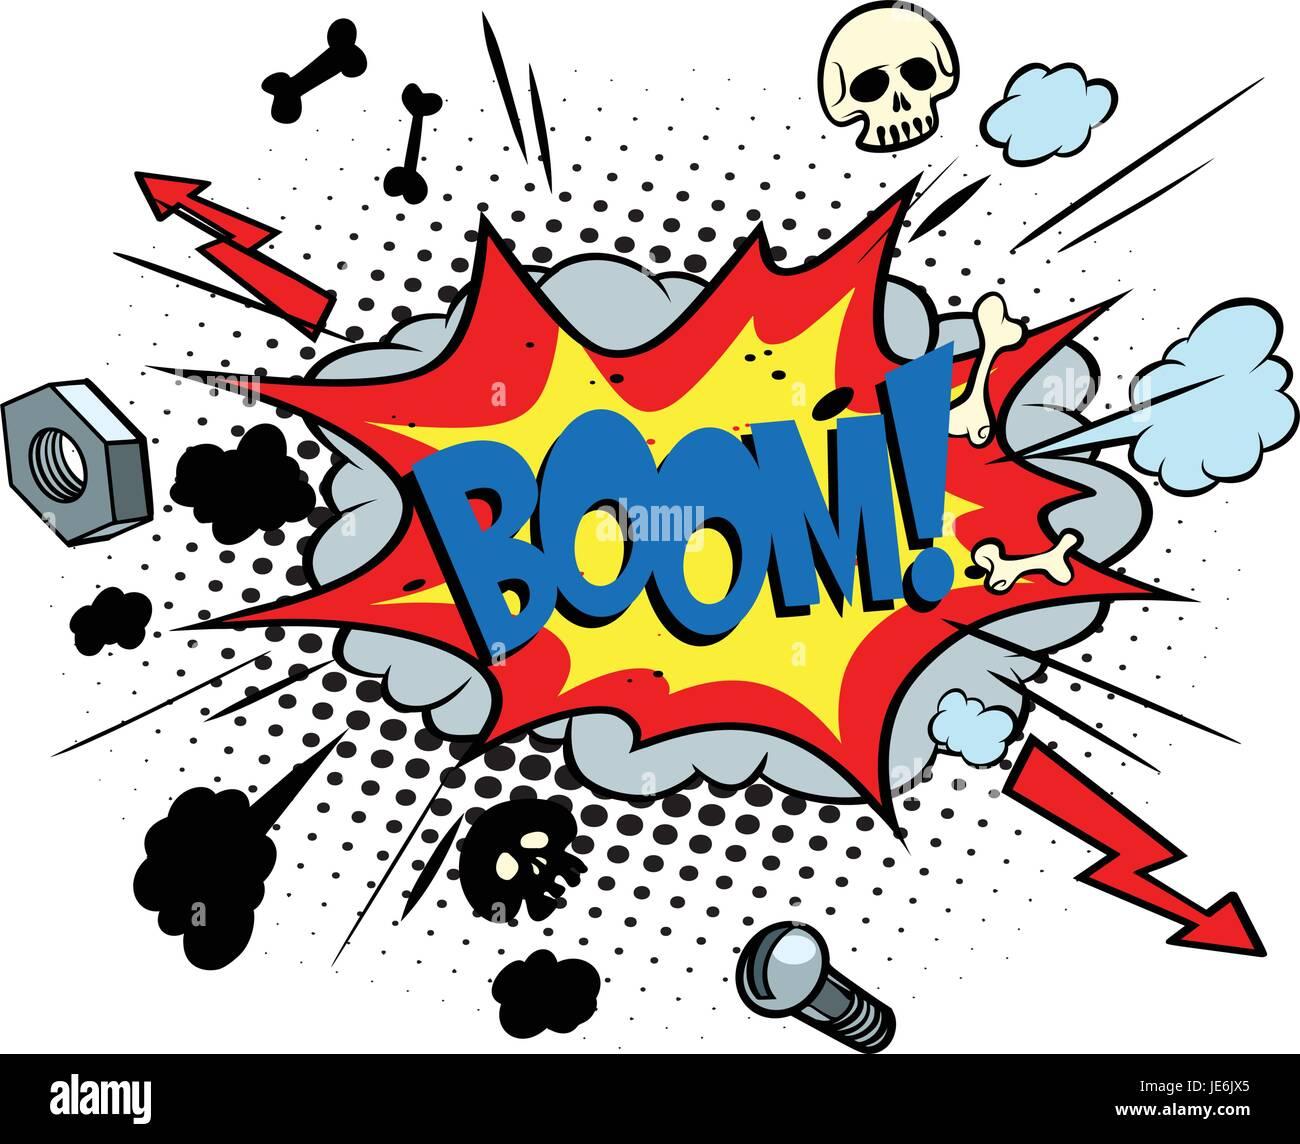 Tecnica per il superamento di dossi ripidi - consigli Boom-fumetto-pop-art-bolla-retro-illustrazione-vettoriale-je6jx5